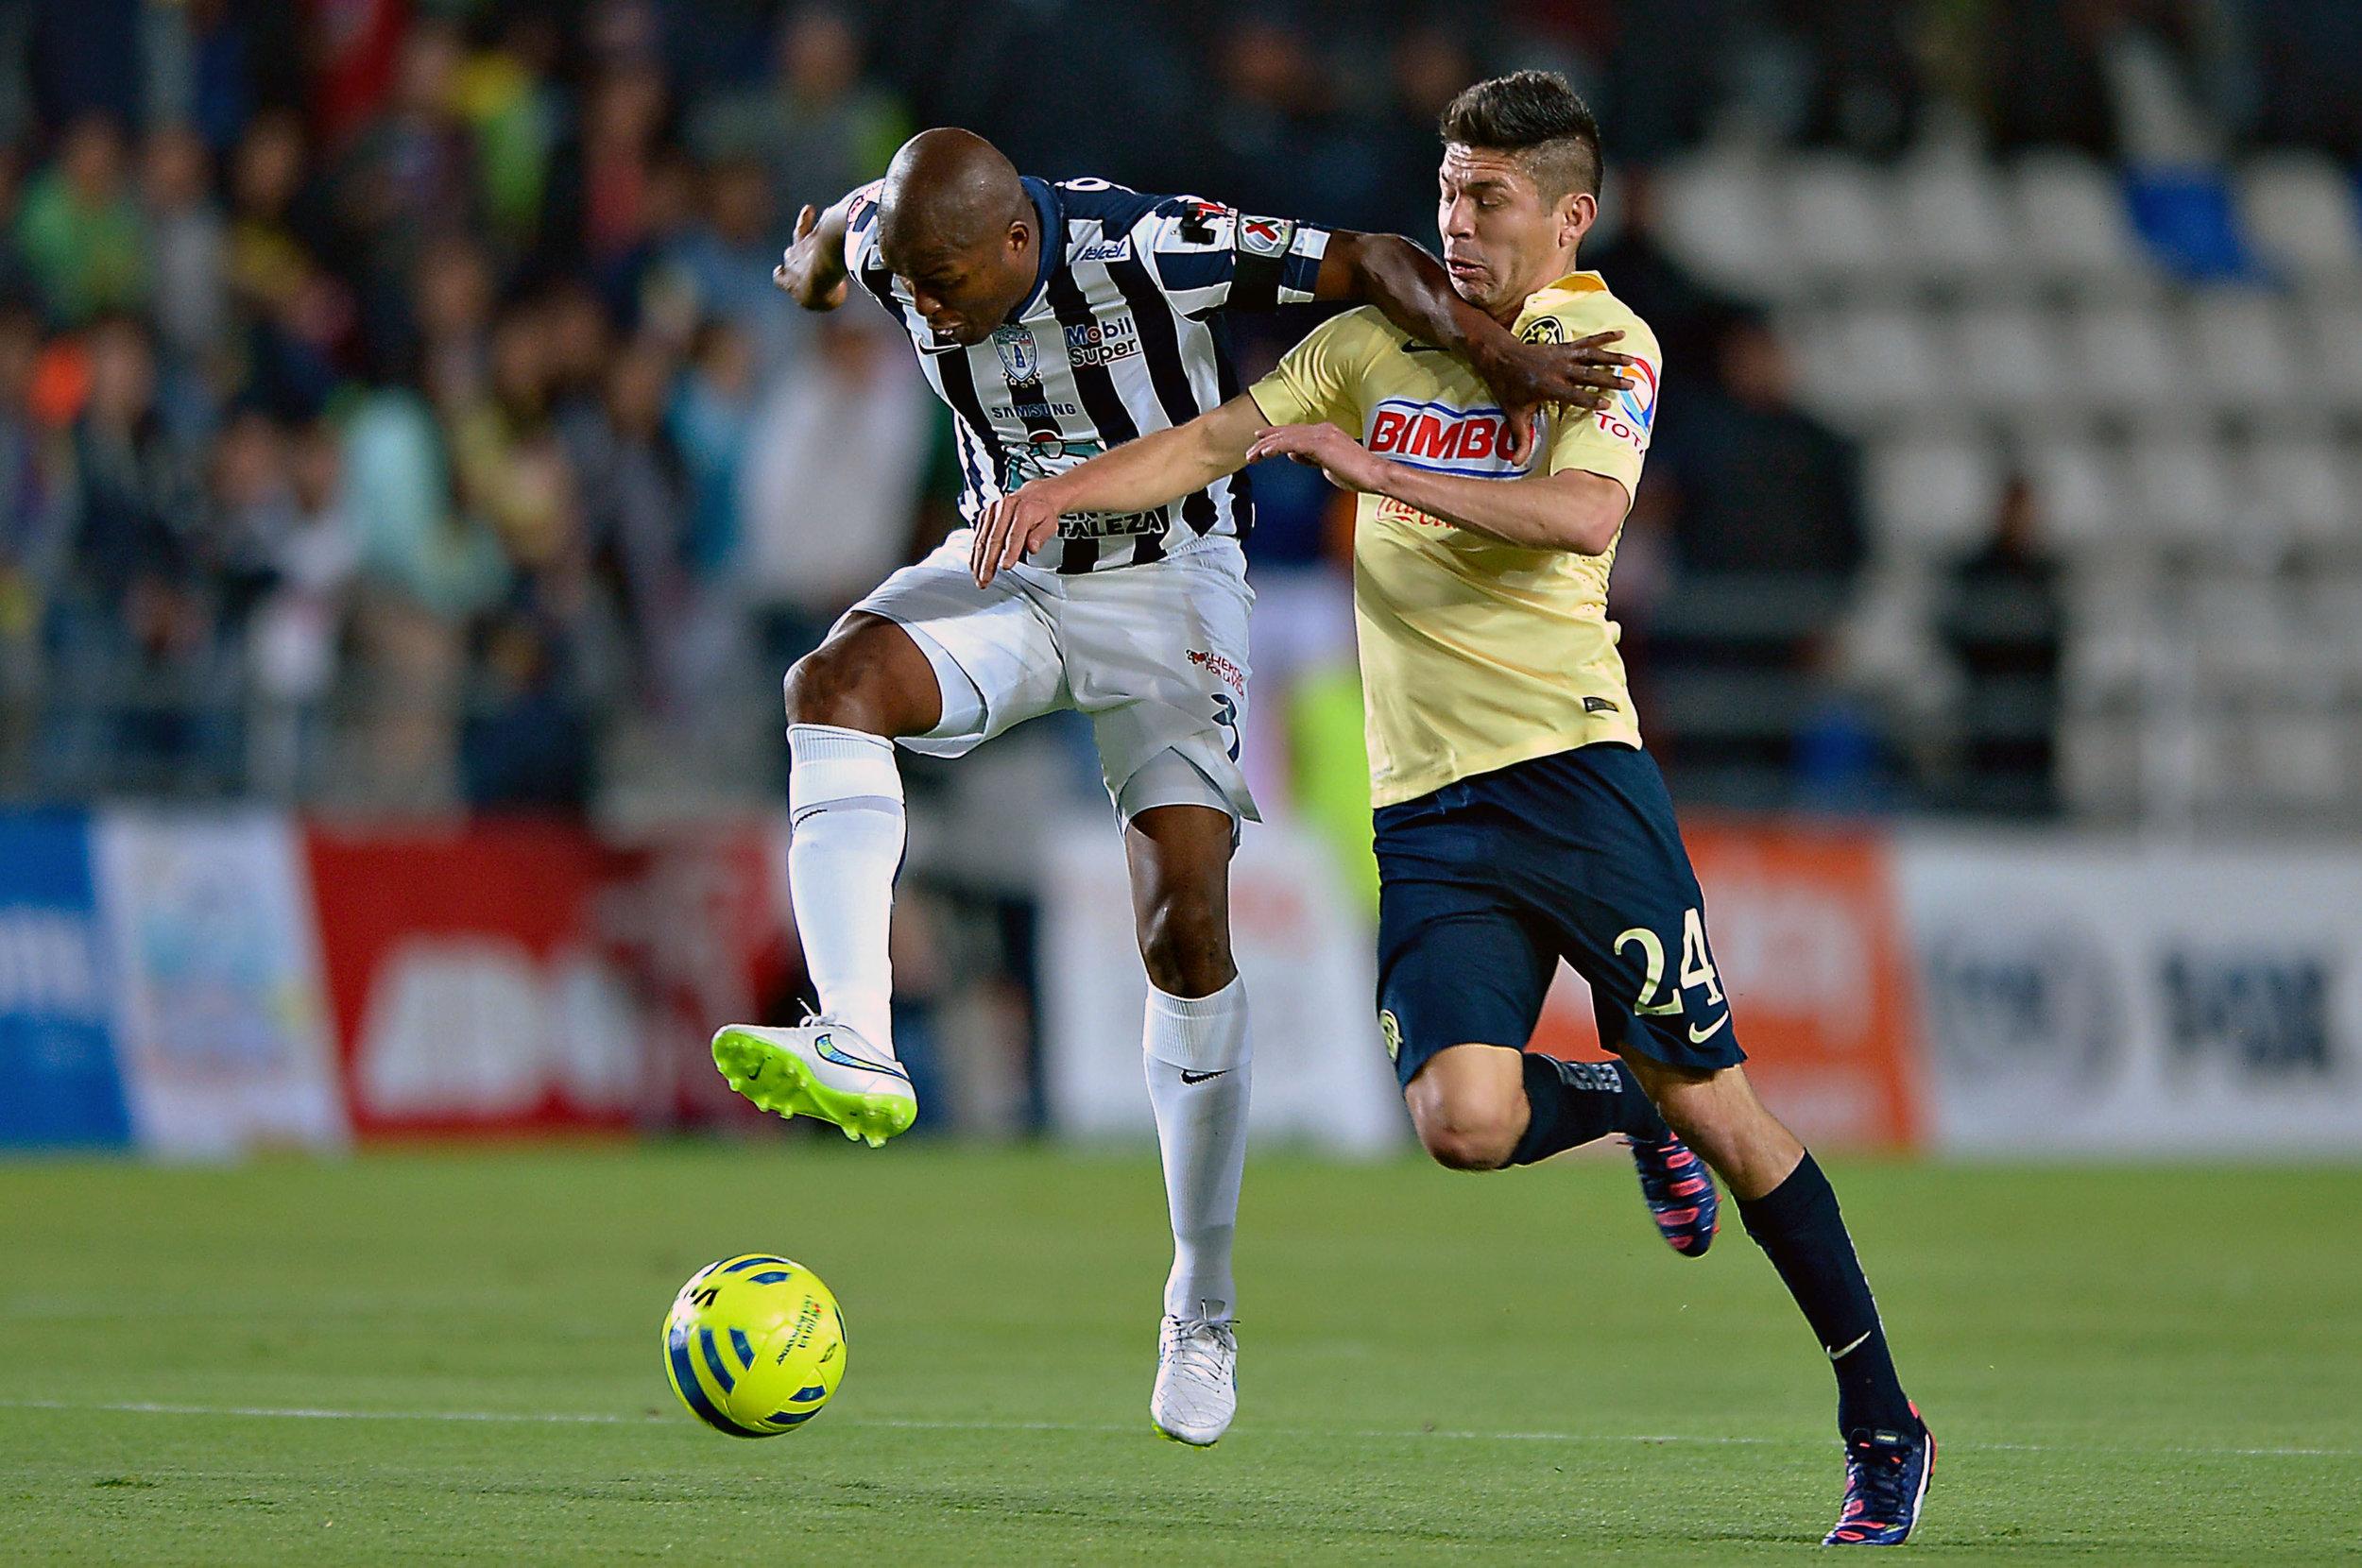 (150307) -- PACHUCA, marzo 7, 2015 (Xinhua) -- El jugador Aquivaldo Mosquera (i), de Pachuca, disputa el balón con Oribe Peralta (d), de América, durante el partido correspondiente a la Jornada 9 del Torneo Clausura 2015 de la Liga MX, celebrado en el Estadio Hidalgo, en Pachuca, estado de Hidalgo, México, el 7 de marzo de 2015. (Xinhua/Isaac Ortiz/MEXSPORT) (da) (fnc) ***CREDITO OBLIGATORIO*** ***NO ARCHIVO-NO VENTAS*** ***SOLO USO EDITORIAL***